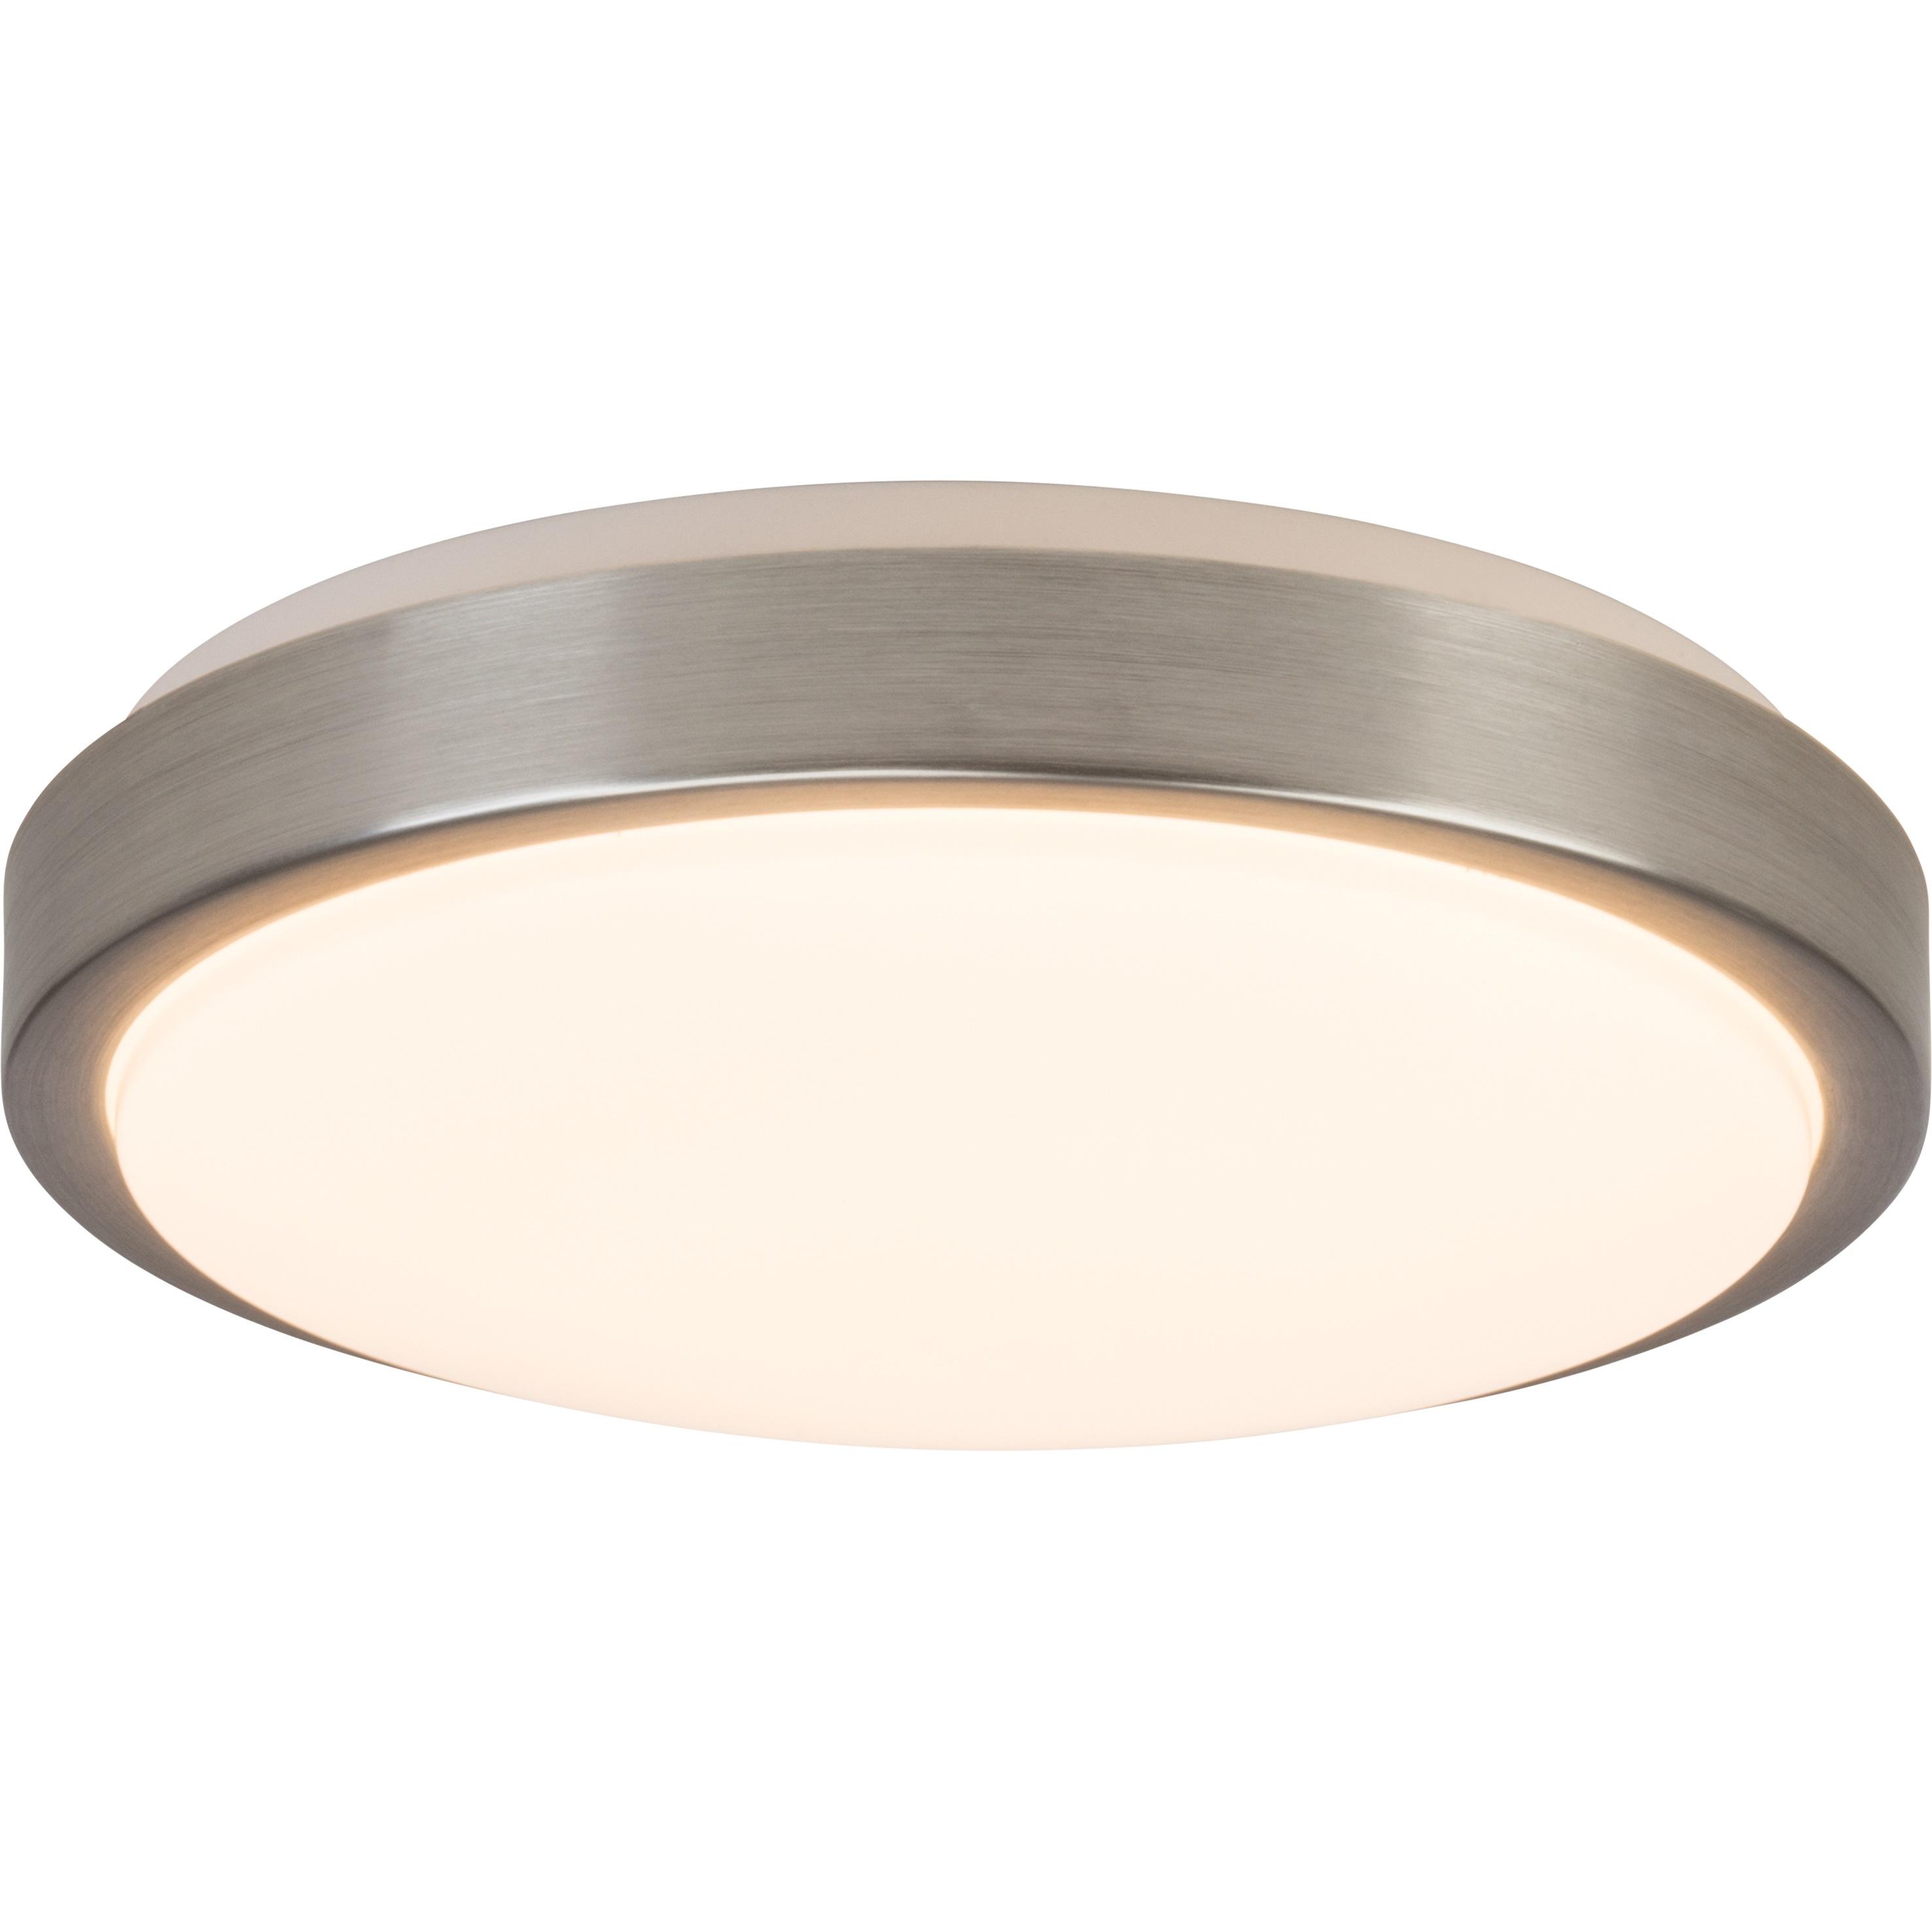 BreLight Livius LED Wand- und Deckenleuchte 30cm nickel/alu/weiÃY